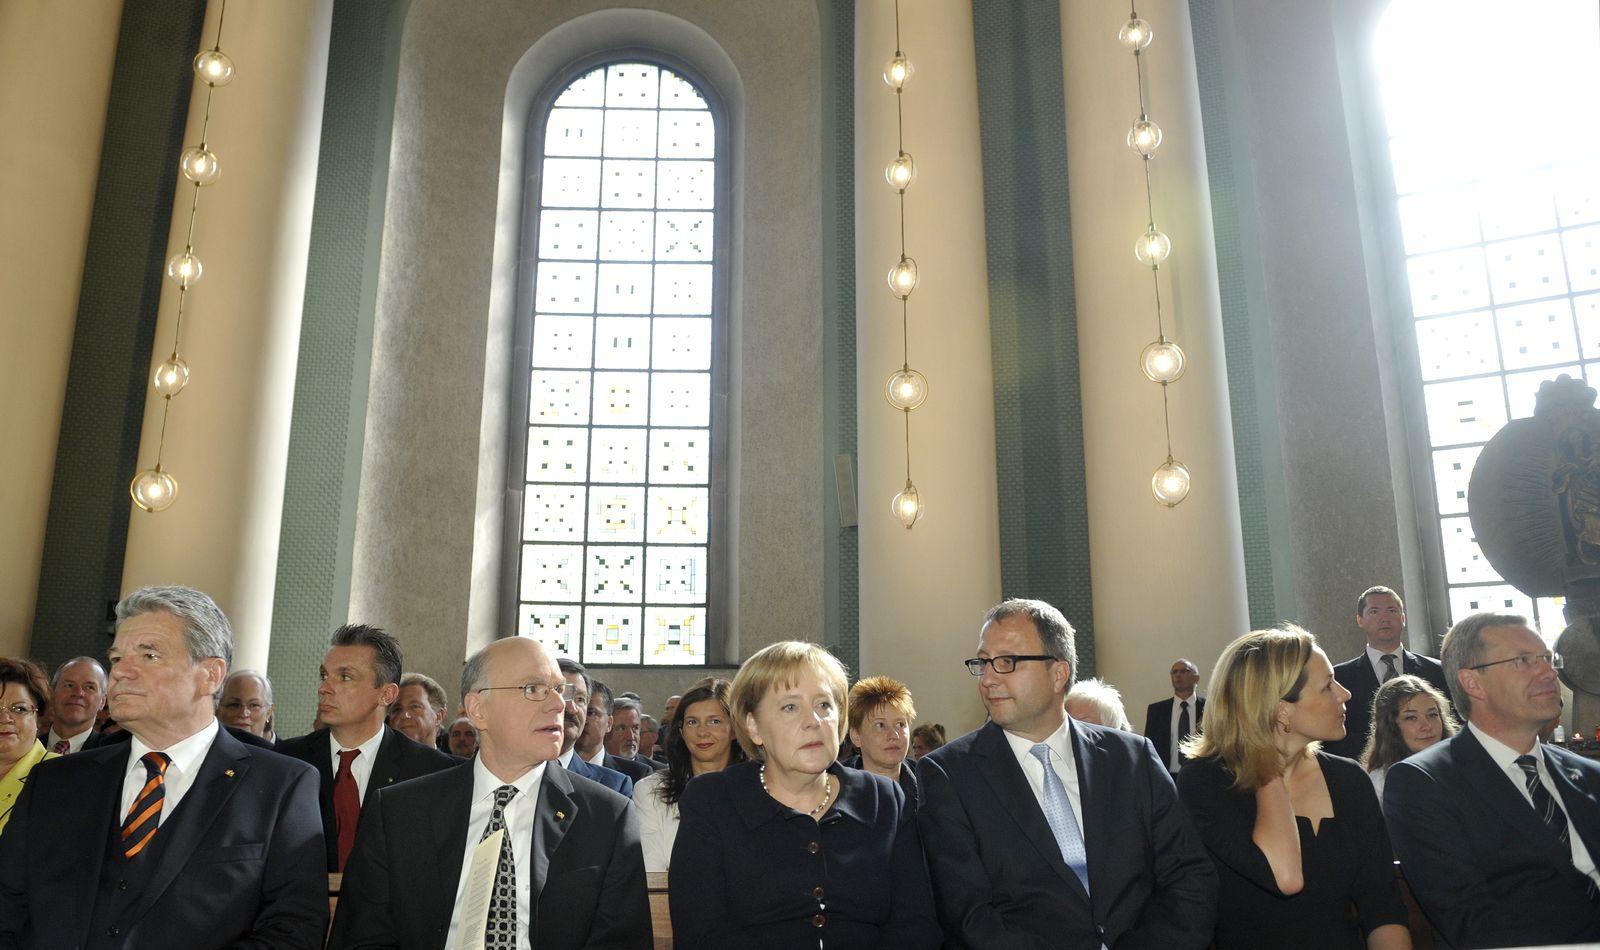 NICHT VERWENDEN Gauck / Wulff / Gottesdienst / Bundespräsidentenwahl